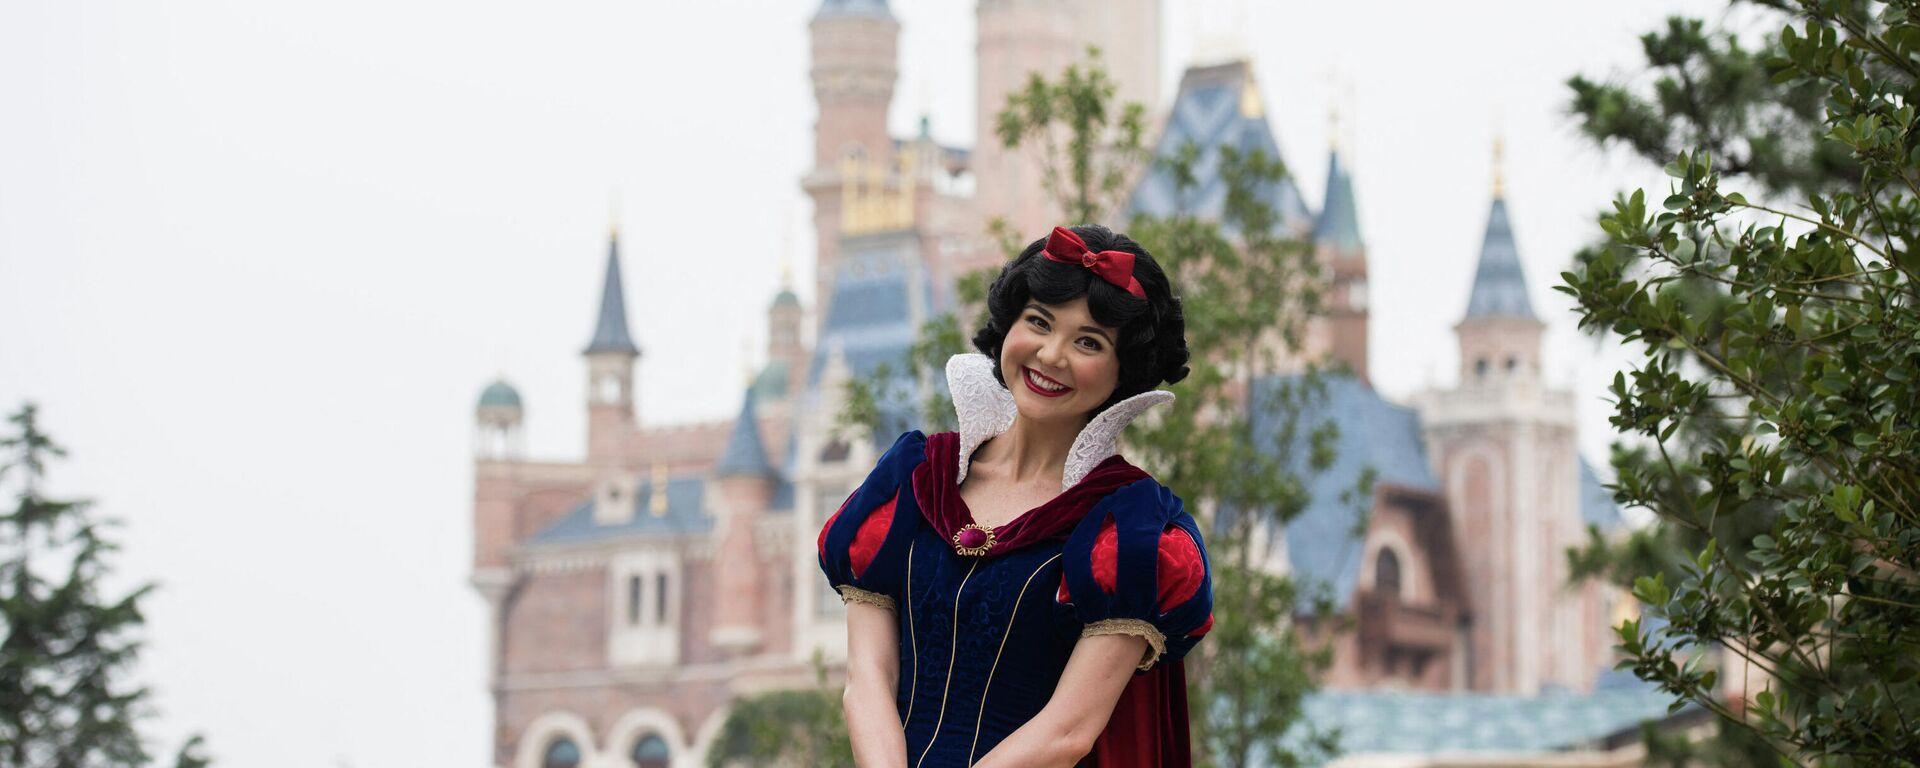 Una actriz vestida de Blancanieves en la Disneyland de Shanghái, China - Sputnik Mundo, 1920, 03.05.2021